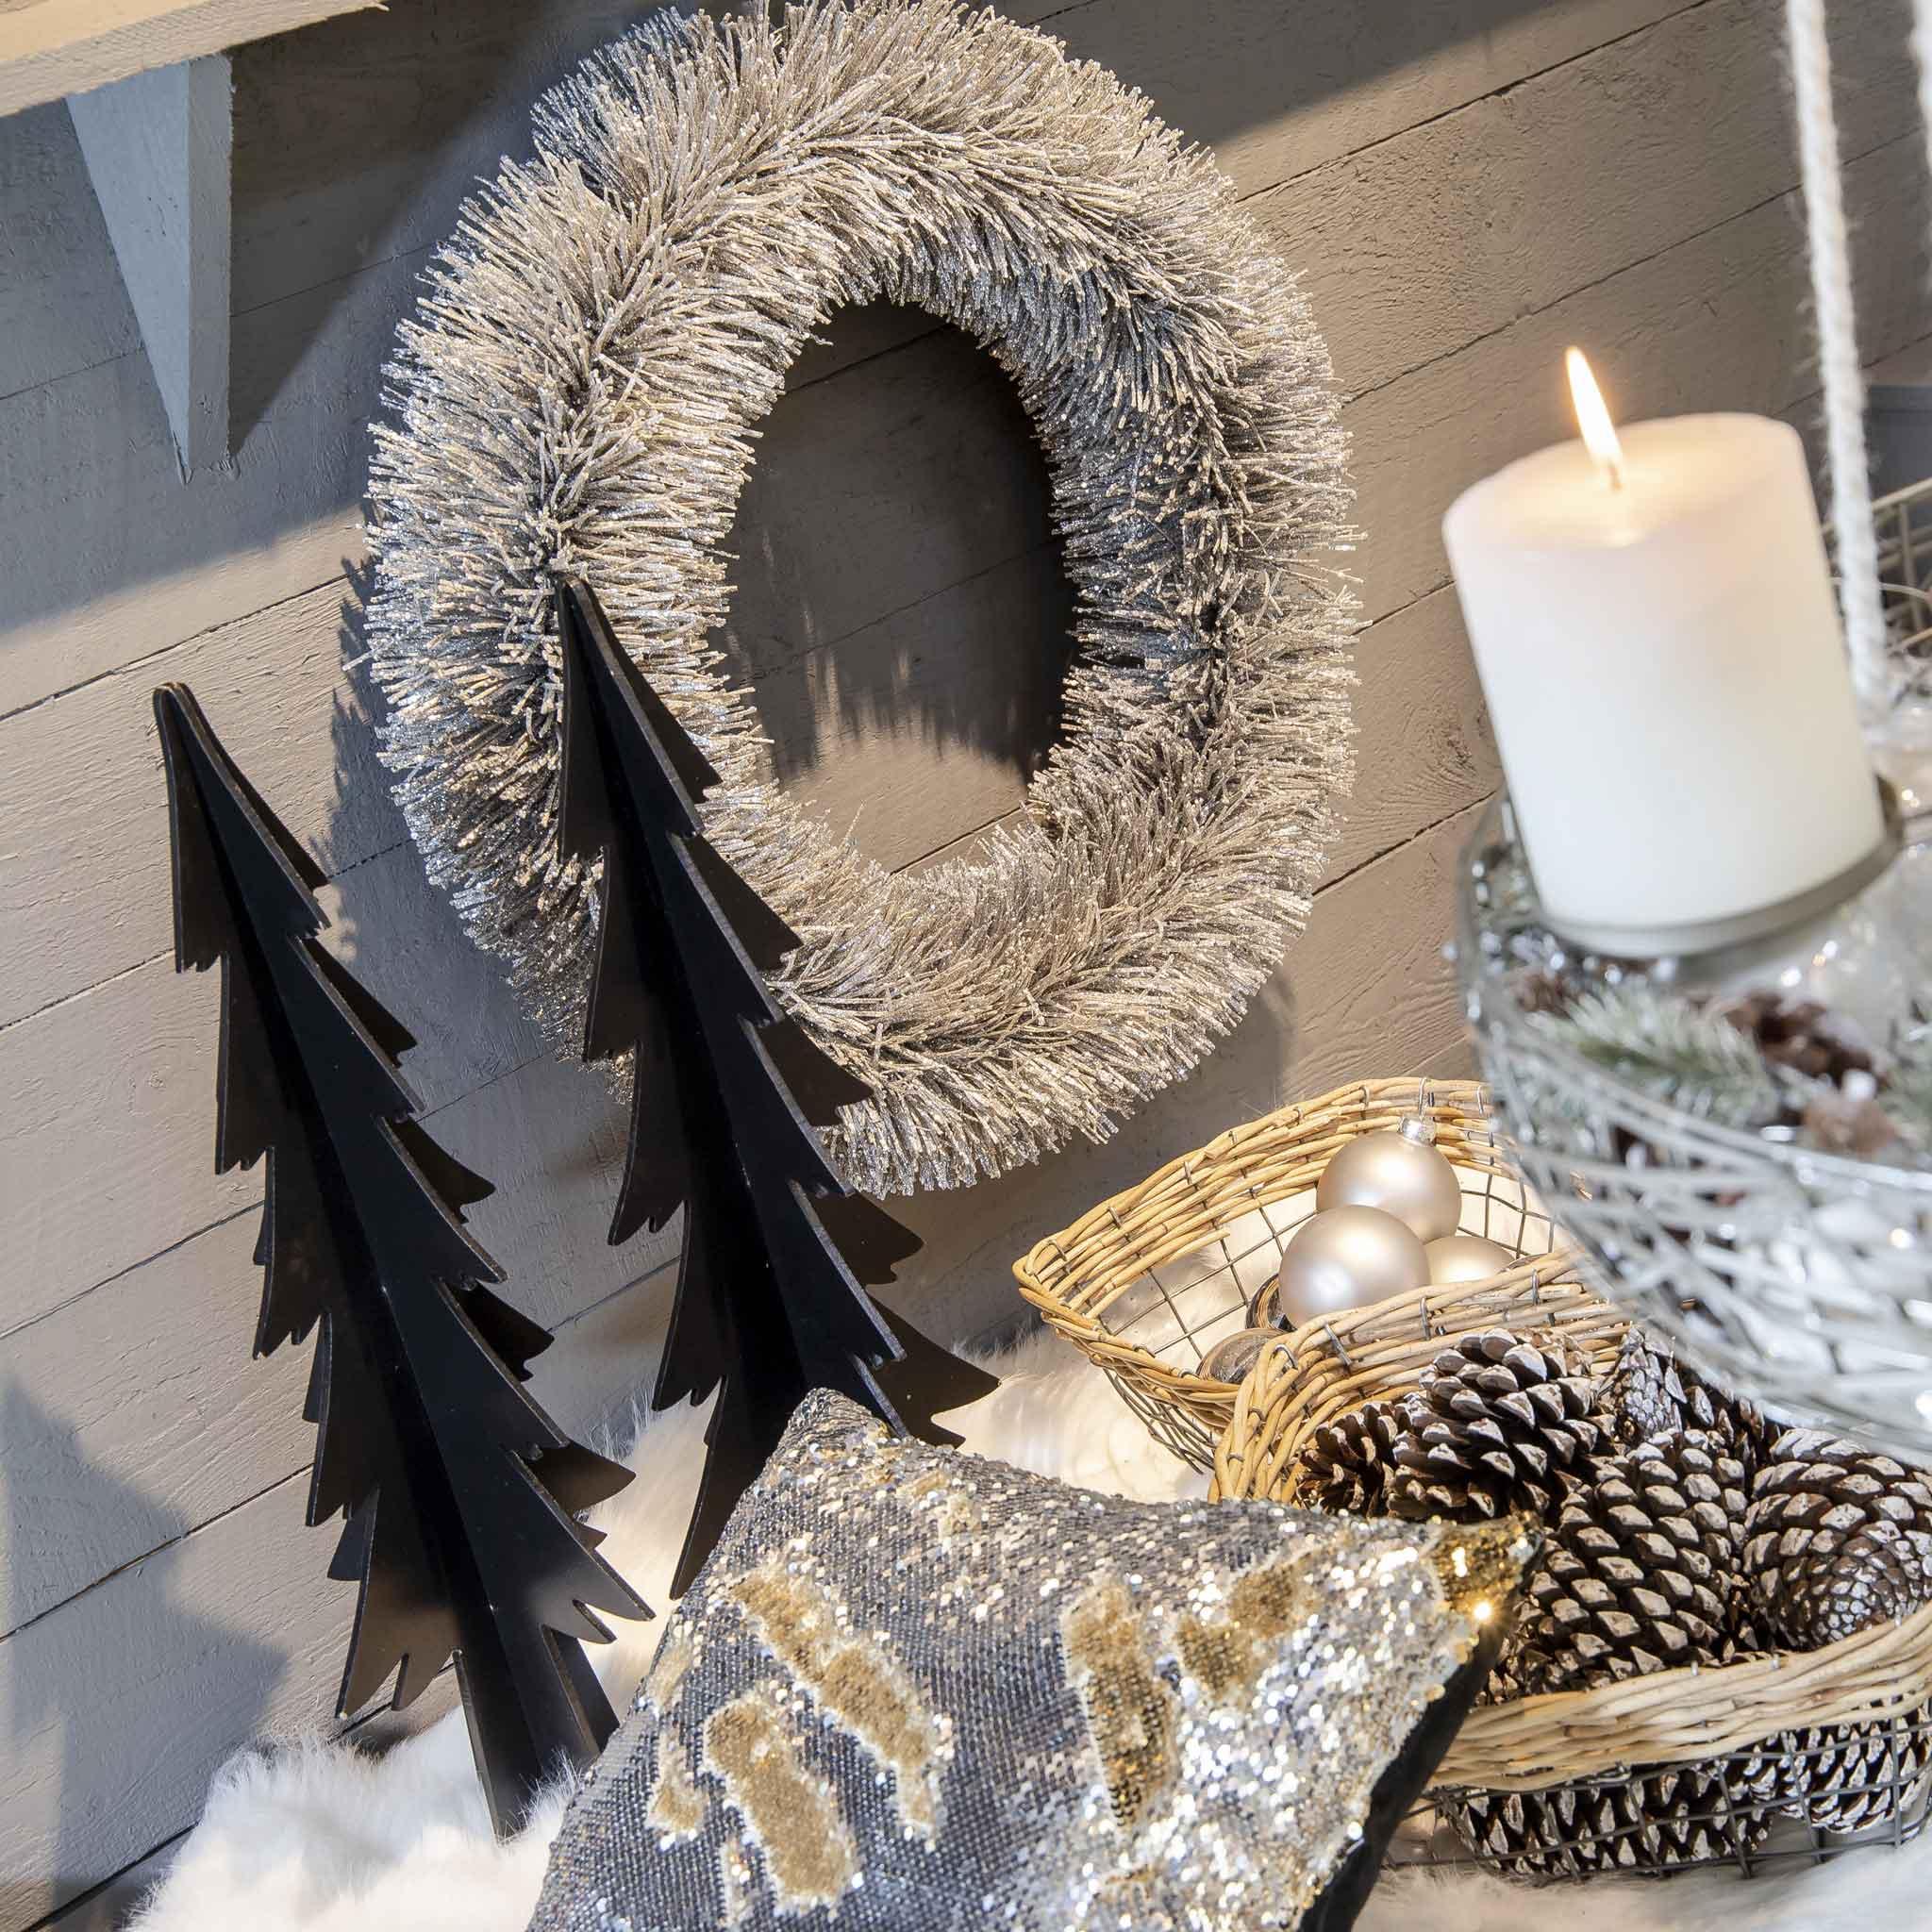 Weihnachtsdeko Venlo.Scheulen Floristik Deko Und Kunstgewerbe